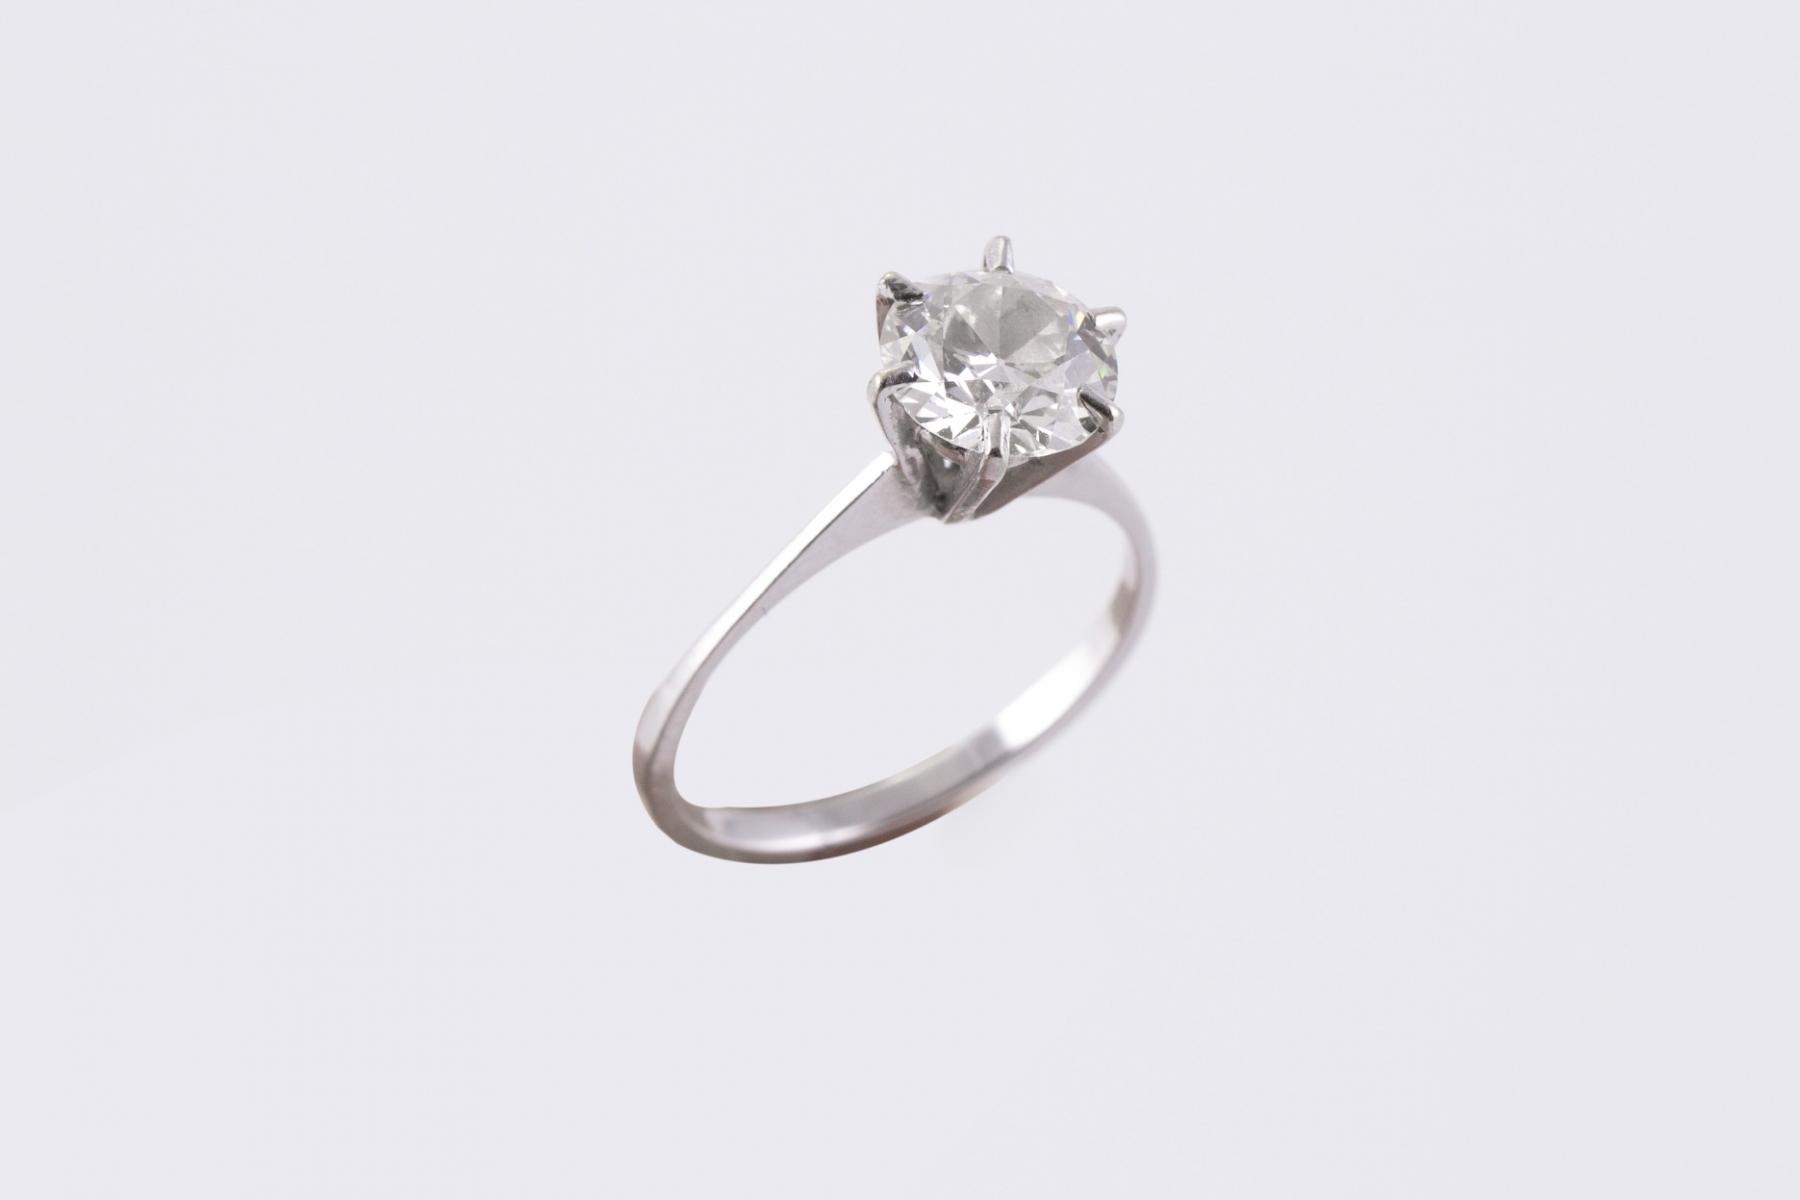 106 - Solitaire en or blanc serti d'un diamant d'neviron 1,25 carat. Adjugé 1800€